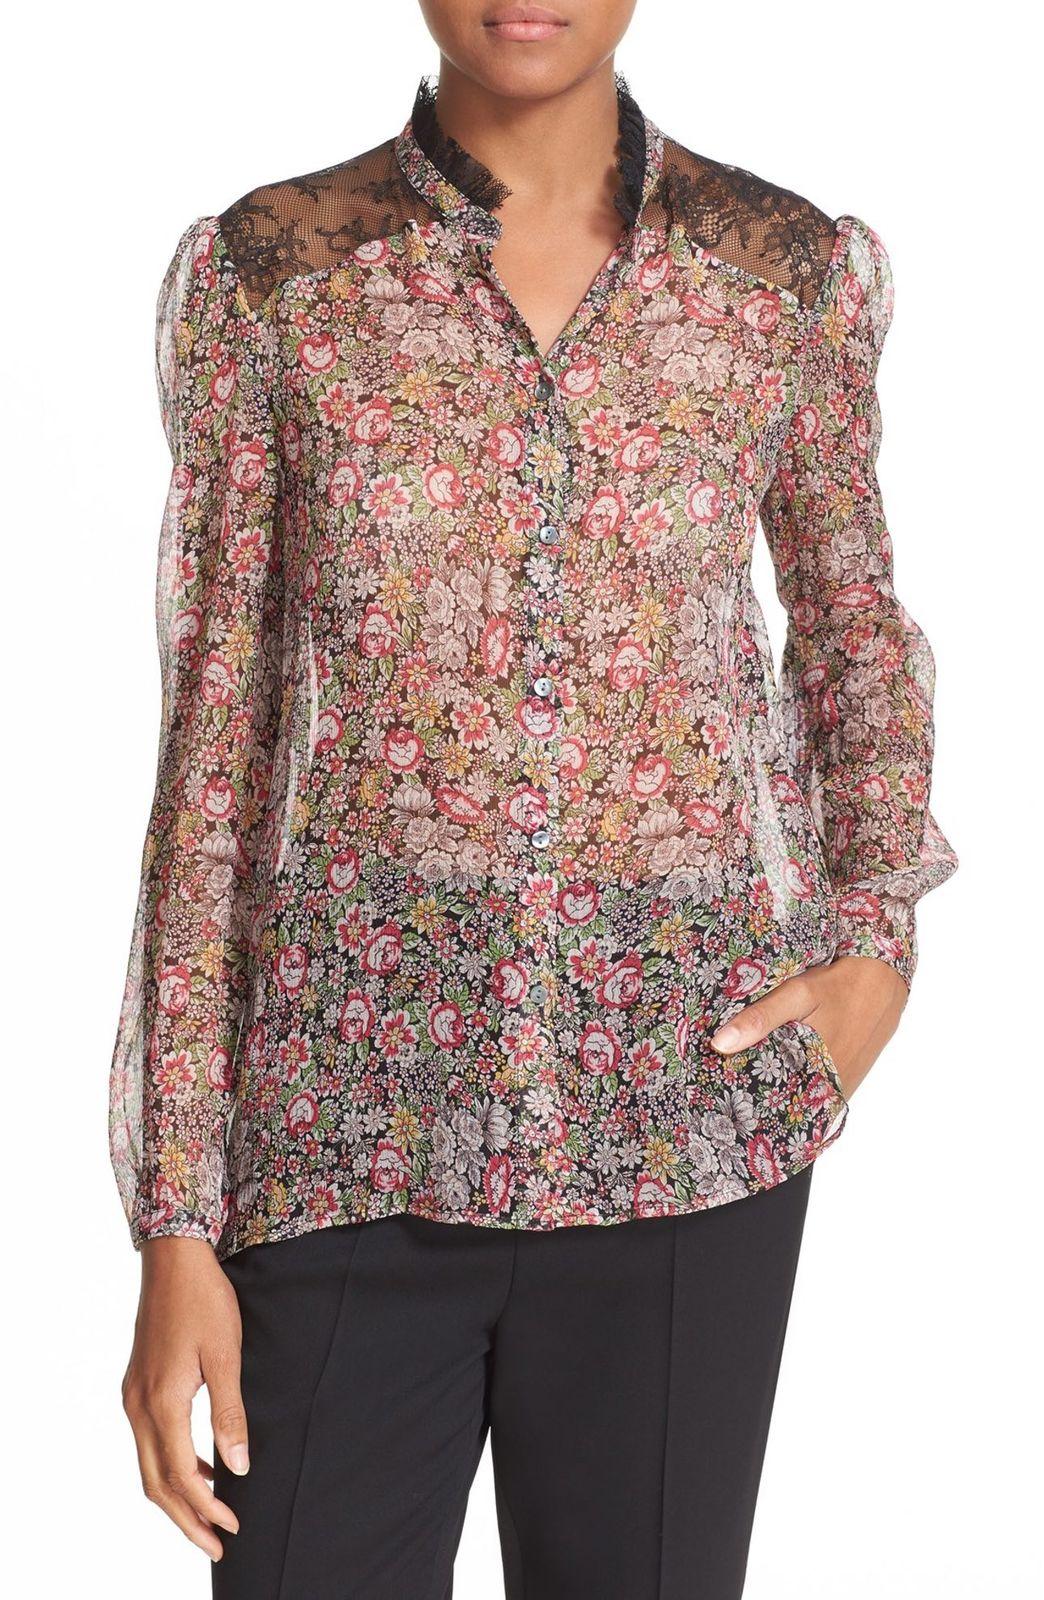 f3d2ebd5f1 The Kooples Lace Trim Floral Print Silk Shirt   Pradux